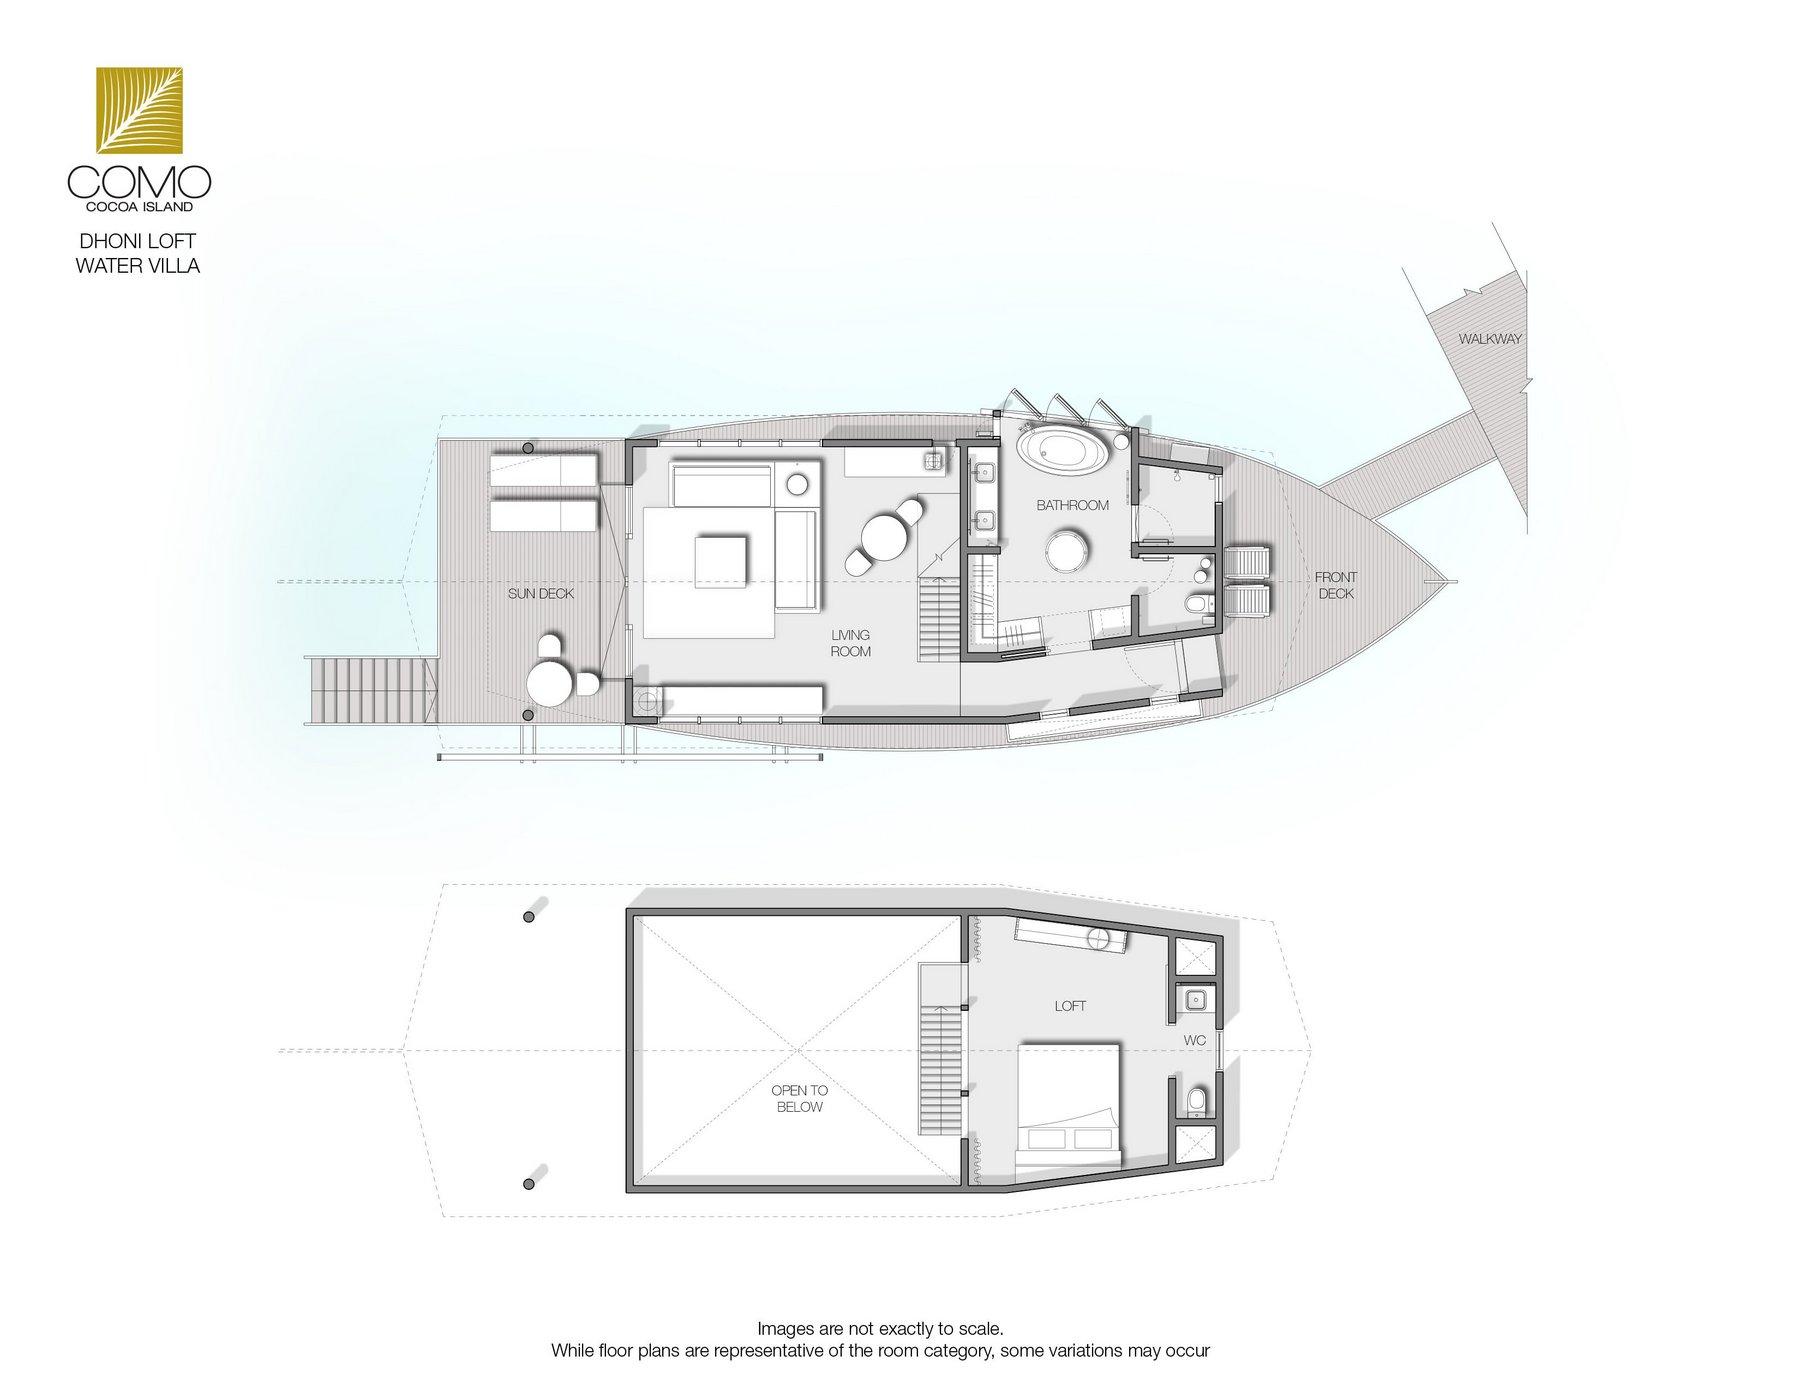 Мальдивы, Отель COMO Cocoa Island, план-схема номера Dhoni Loft Water Villa